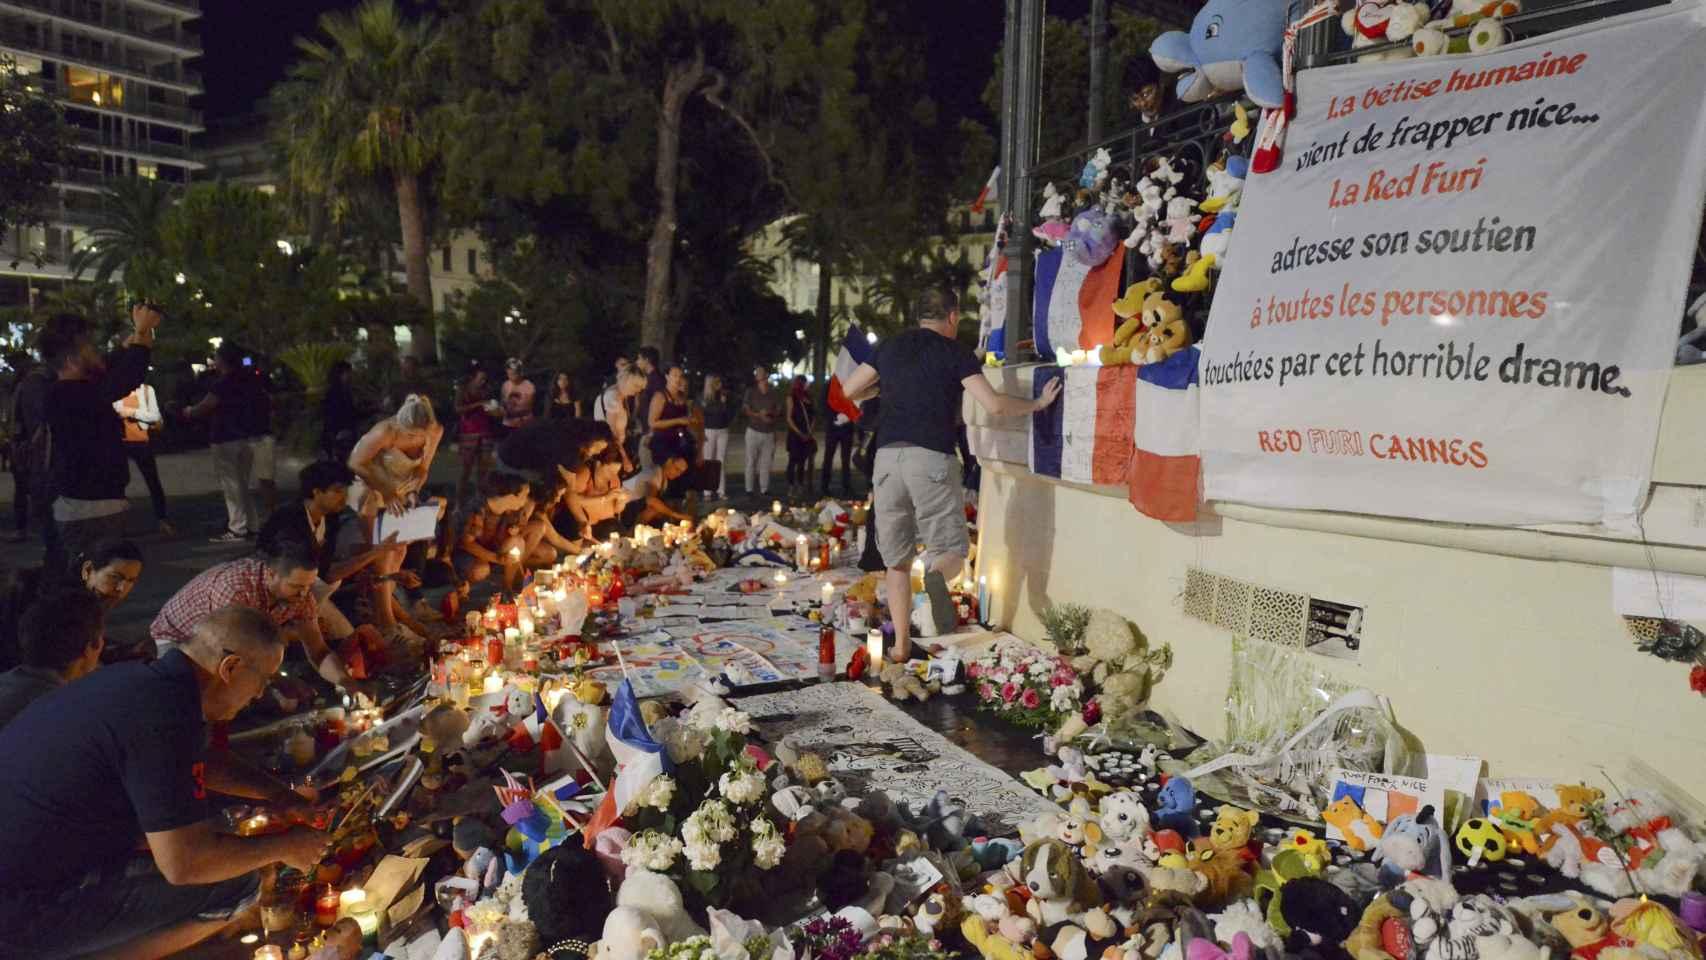 Flores y peluches para las víctimas de los atentados, entre las que había numerosos niños.